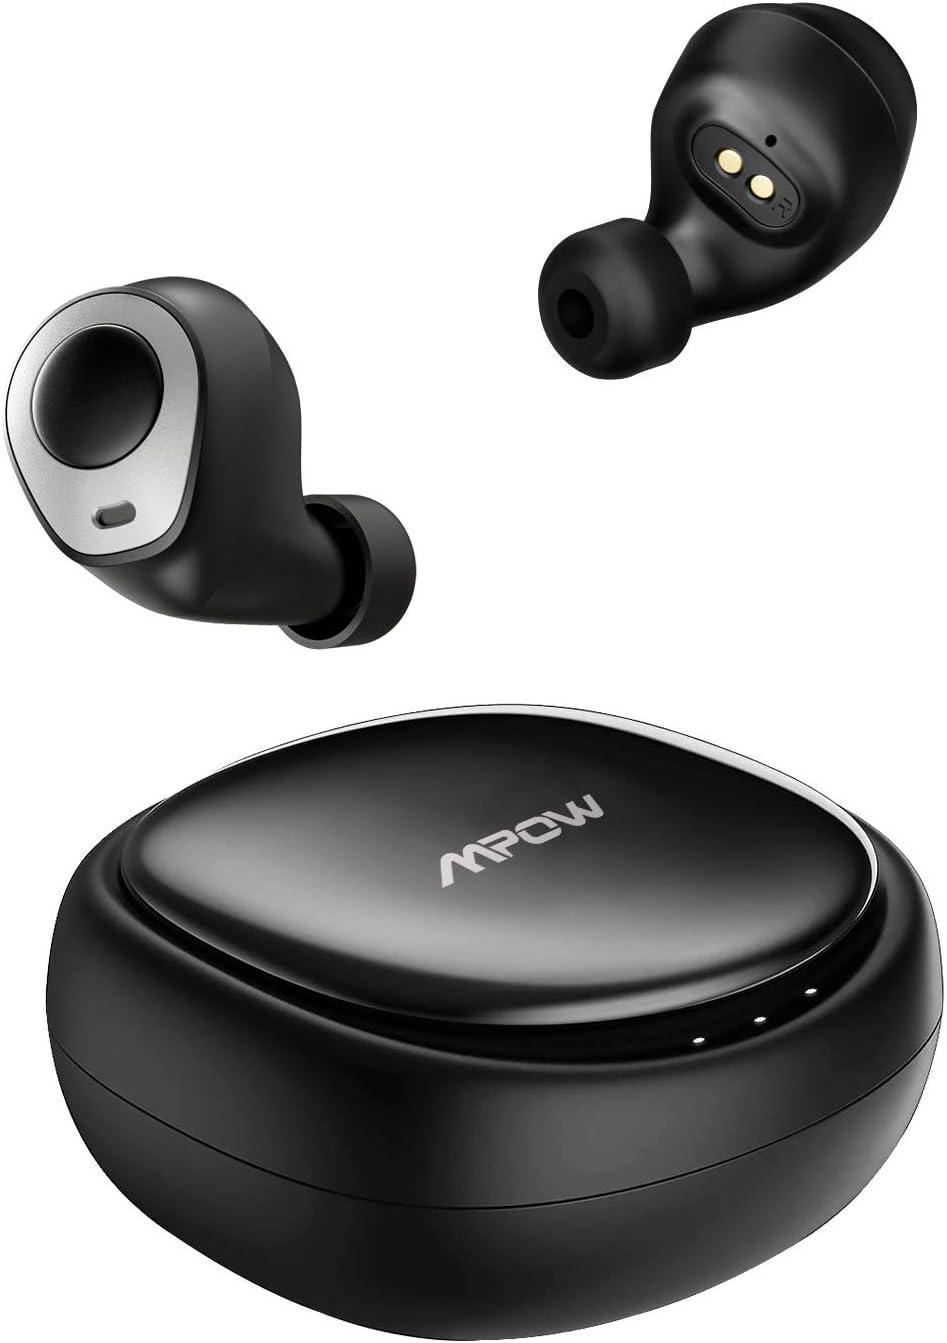 Mpow Auriculares Bluetooth, Auriculares Inalámbrico 5.0, Auriculares Deportivos IPX7 Impermeable, 25H Caja de Carga, Mini Twins Sonido HD Estéreo con CVC 8.0 Cancalación de Ruido para iOS y Android